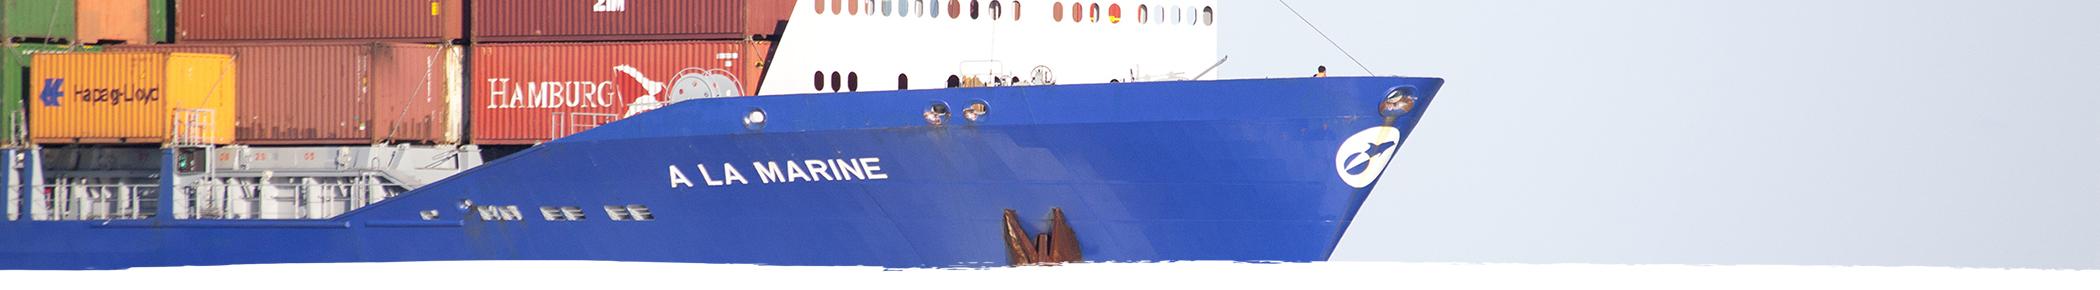 Meriliikenne (c) Tuula Palaste, Uudenmaan liitto